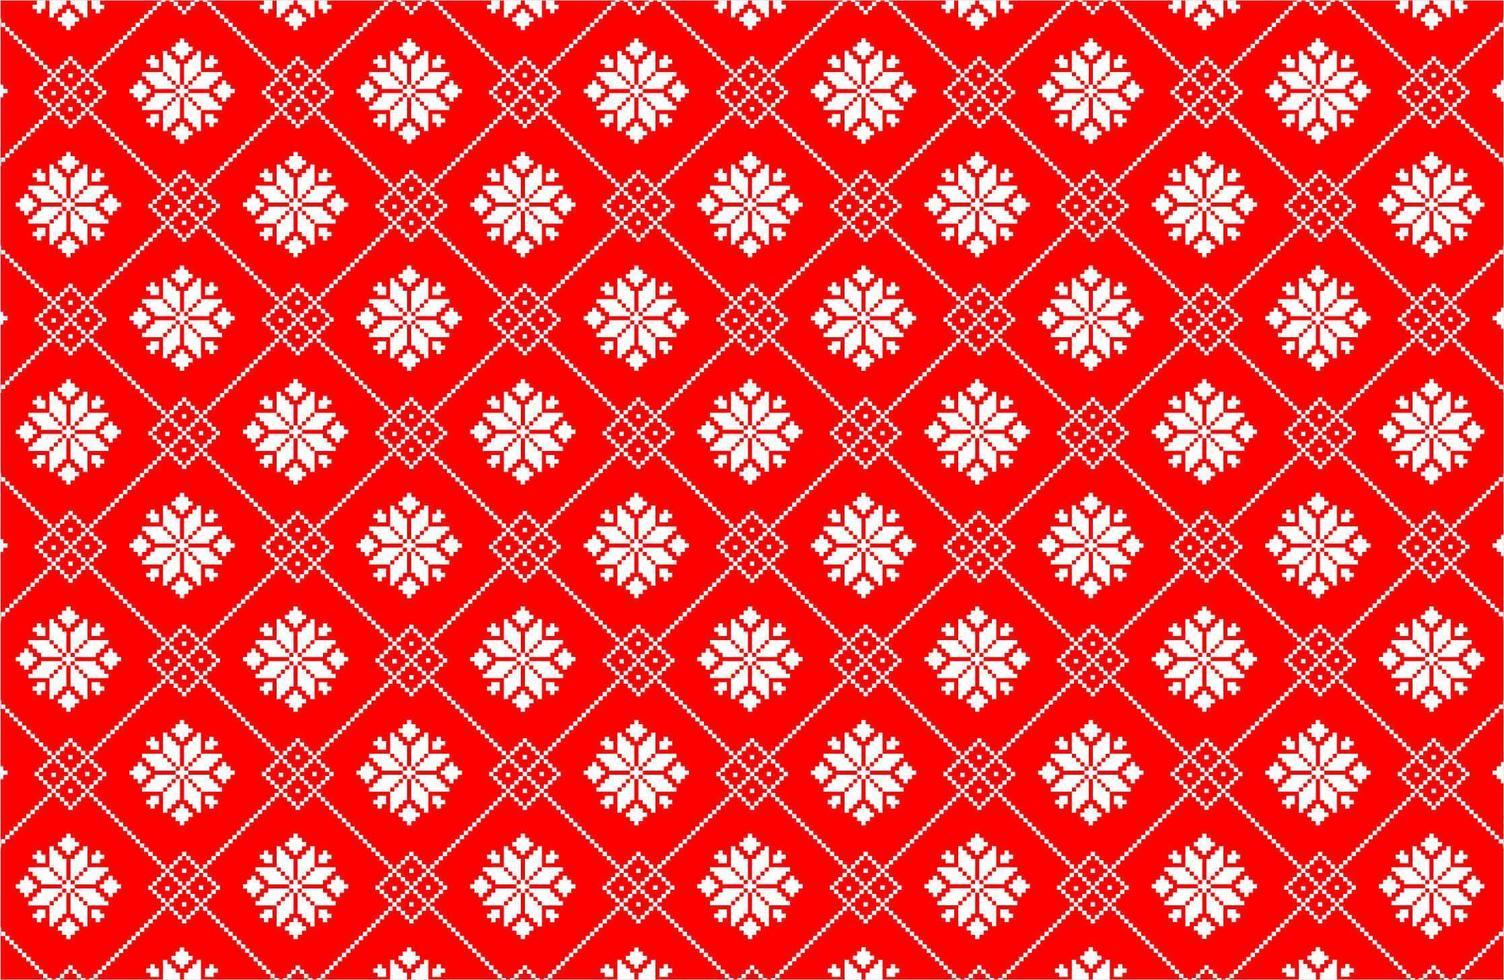 Weihnachtsstern Pixel Muster vektor